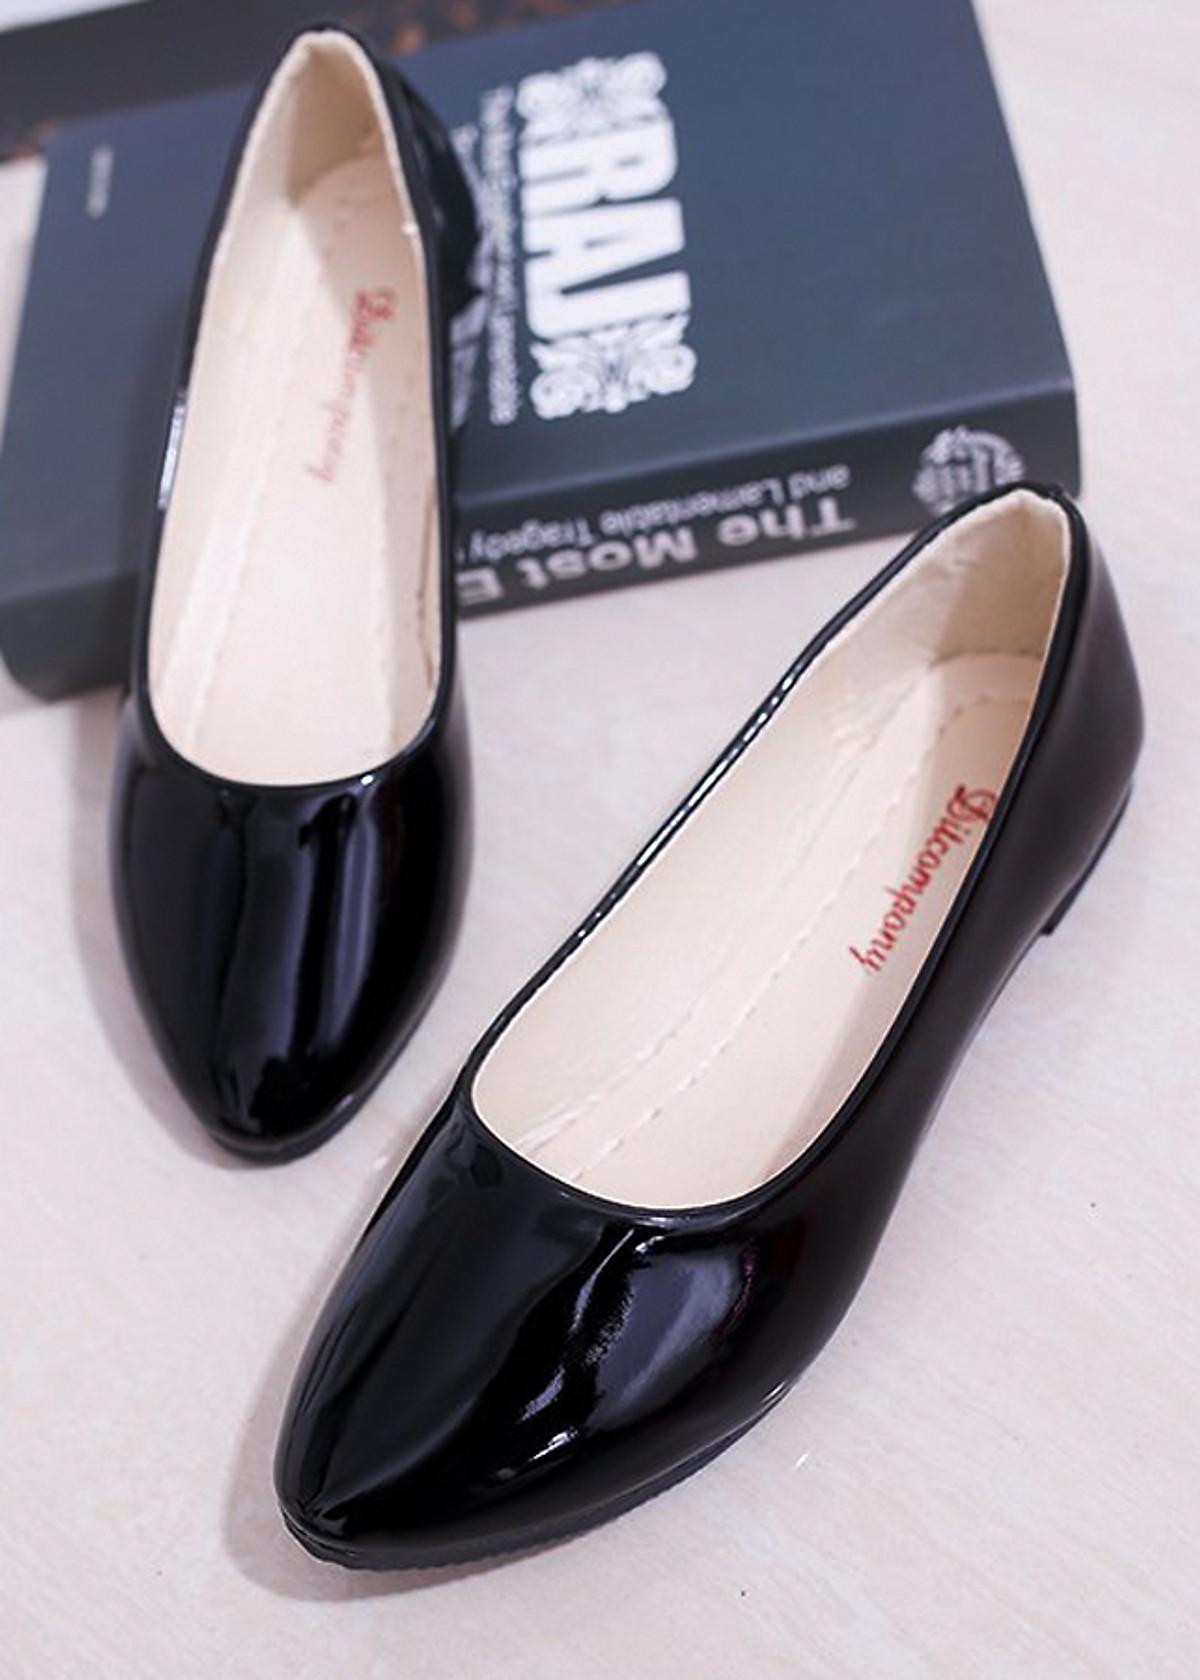 Giày búp bê da bóng mềm không đau chân , dáng chuẩn 96309 55